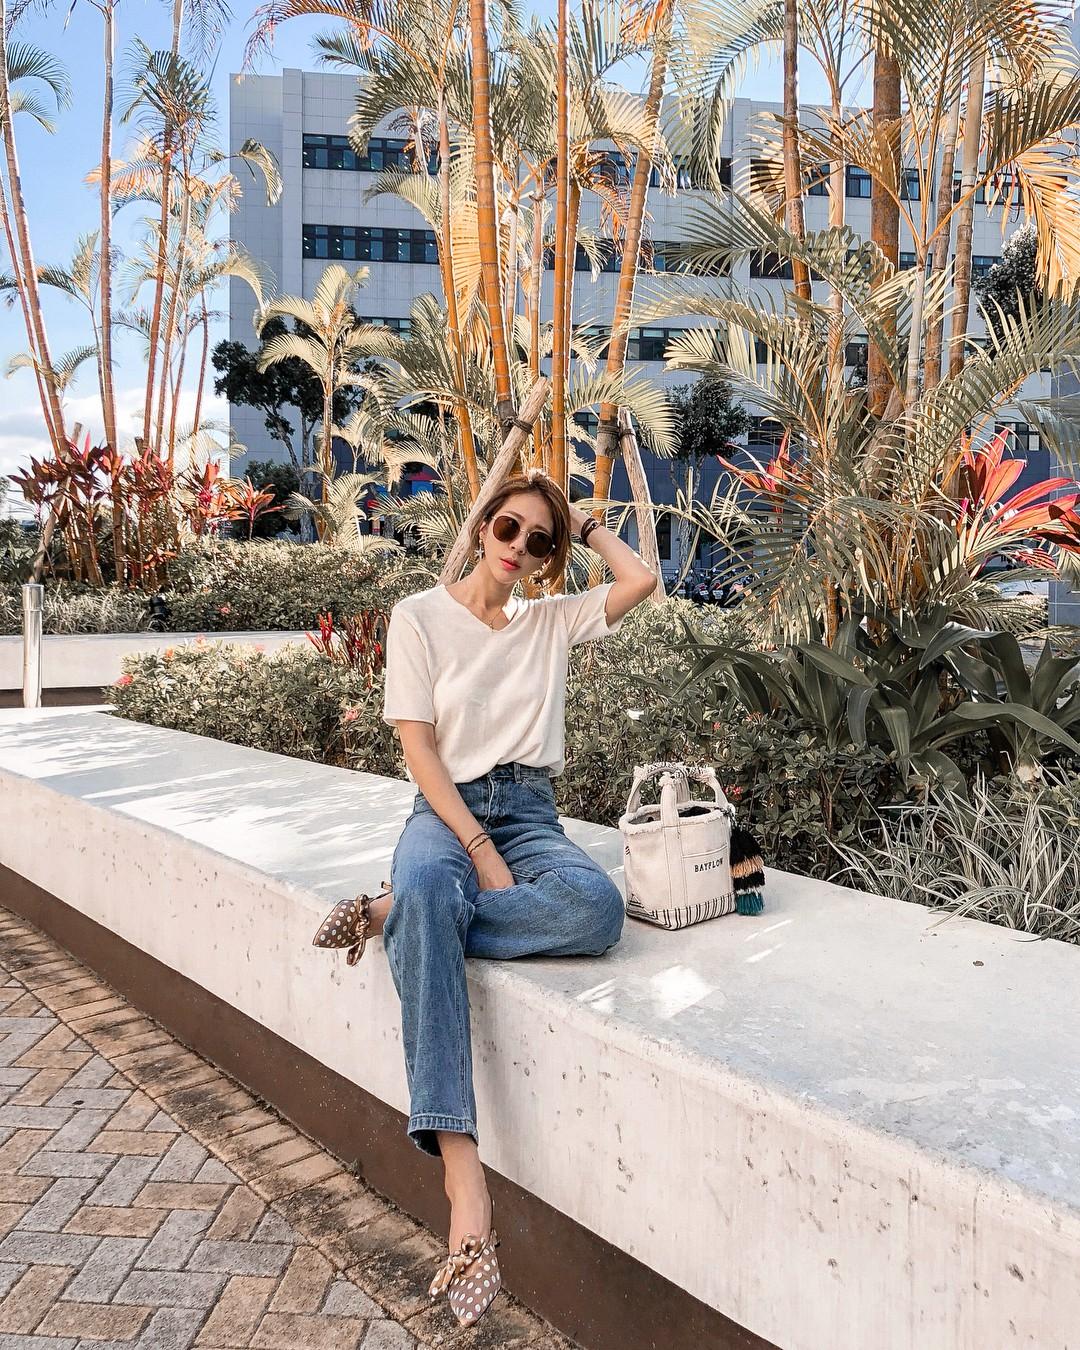 Bảo chứng cho vẻ sành điệu là combo áo phông – quần jeans với 15 ý tưởng diện mãi không biết chán này 12